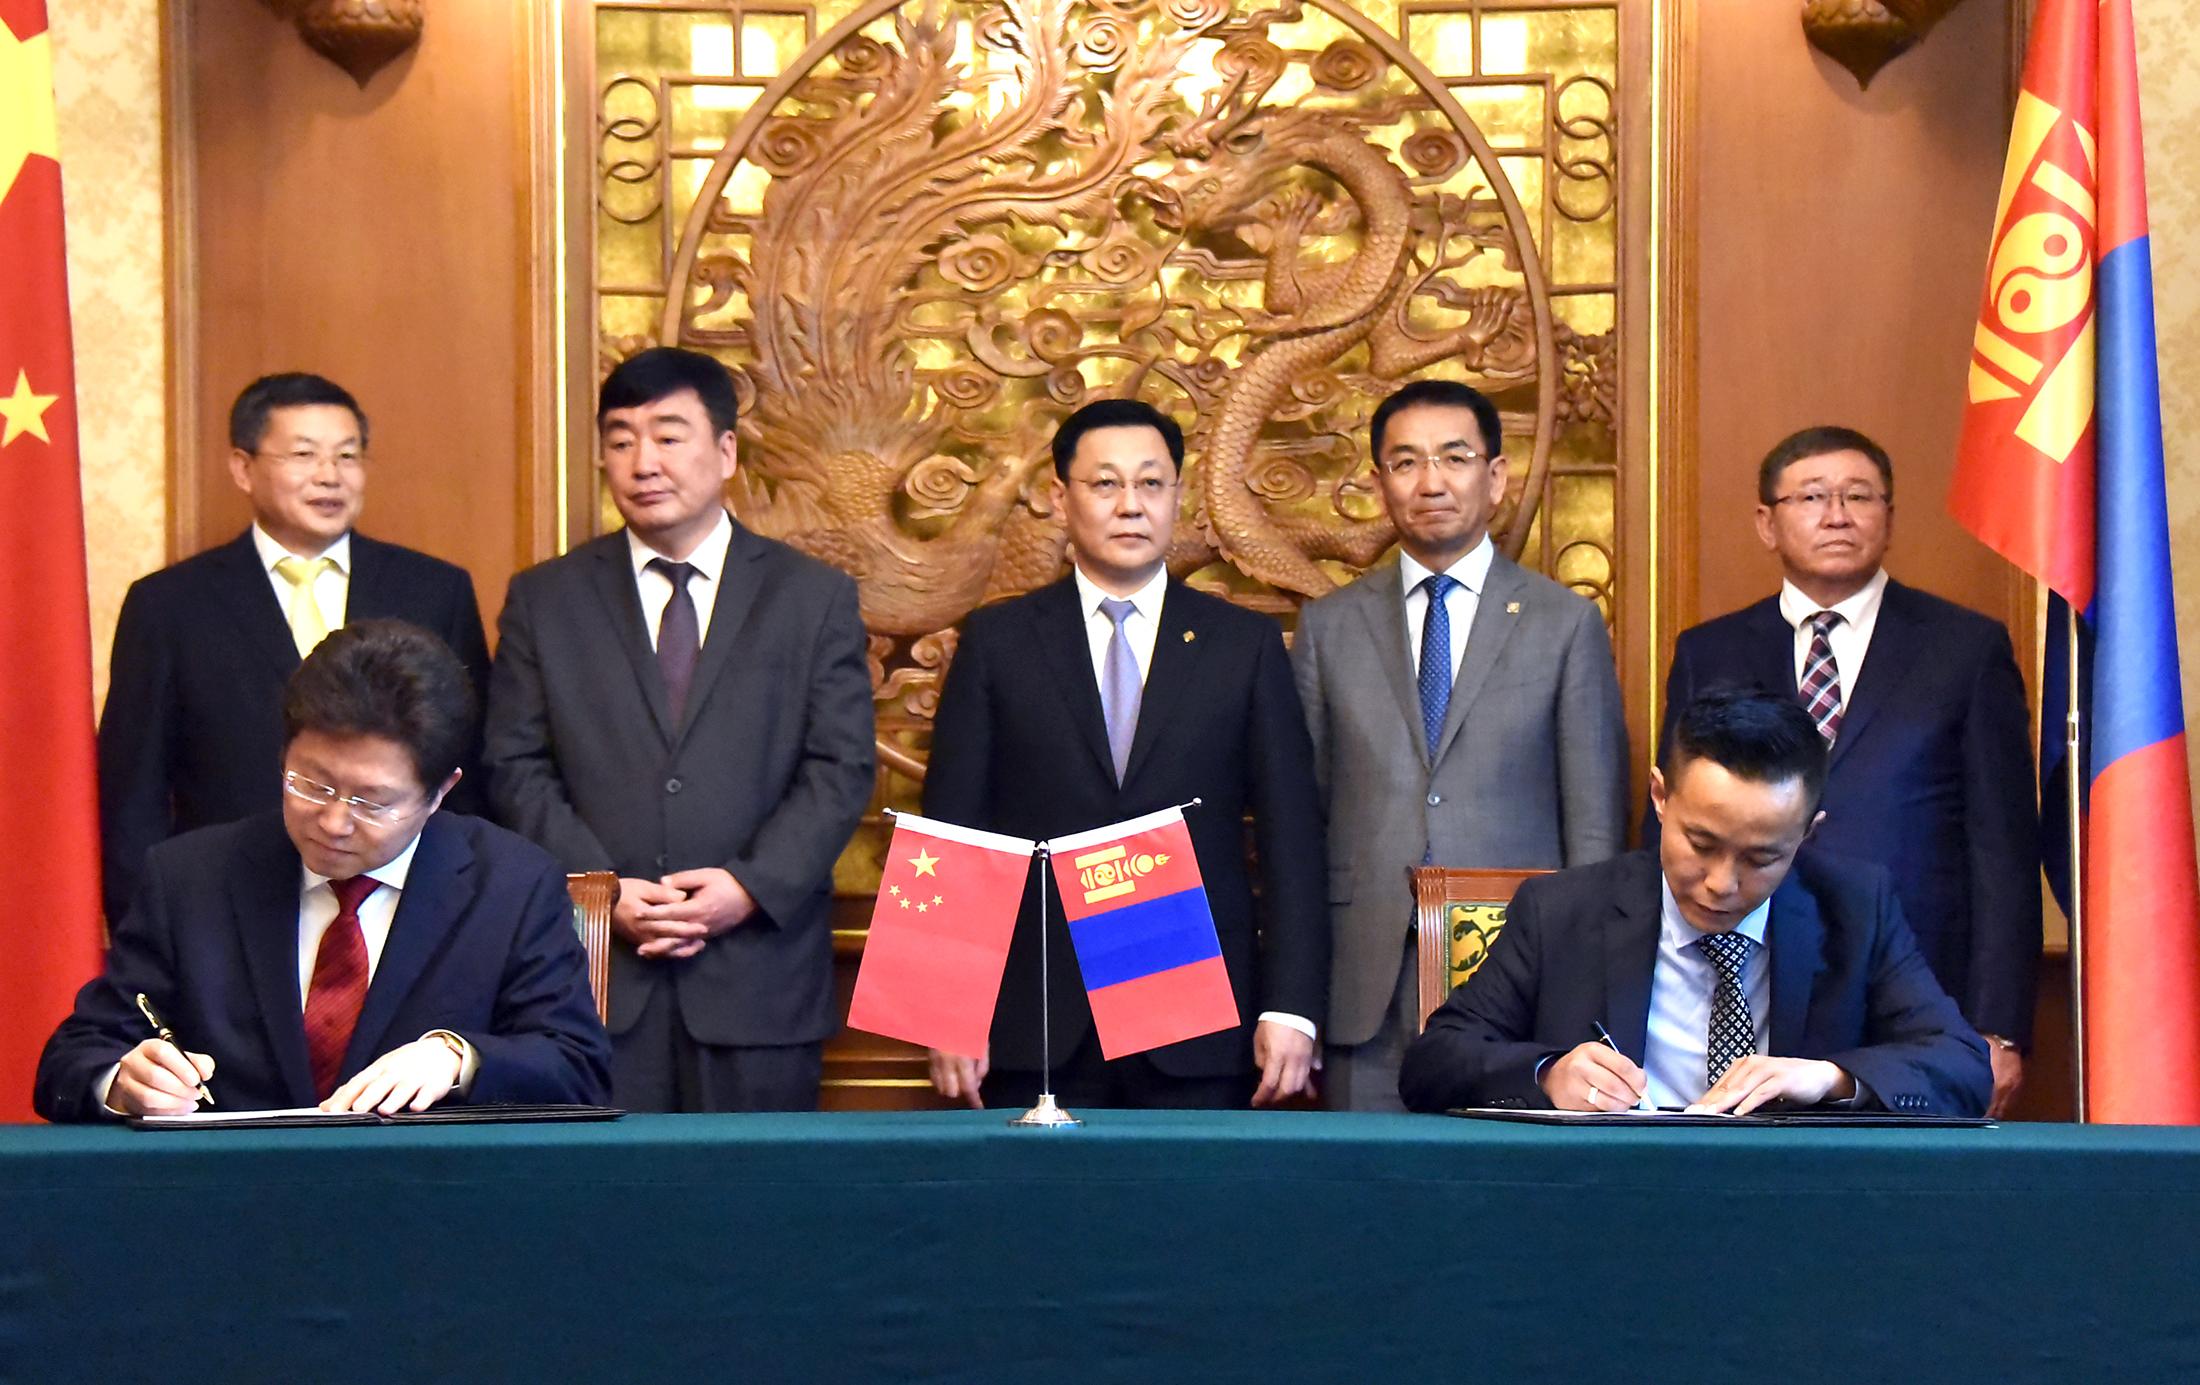 d727d83dadef20ad9c1dc7bb0fbf80aa Монгол Улсын Ерөнхий сайд Ж.Эрдэнэбат, БНХАУ-ын Төрийн Зөвлөлийн Ерөнхий сайд Ли Көчянтай нар албан ёсны хэлэлцээ хийв